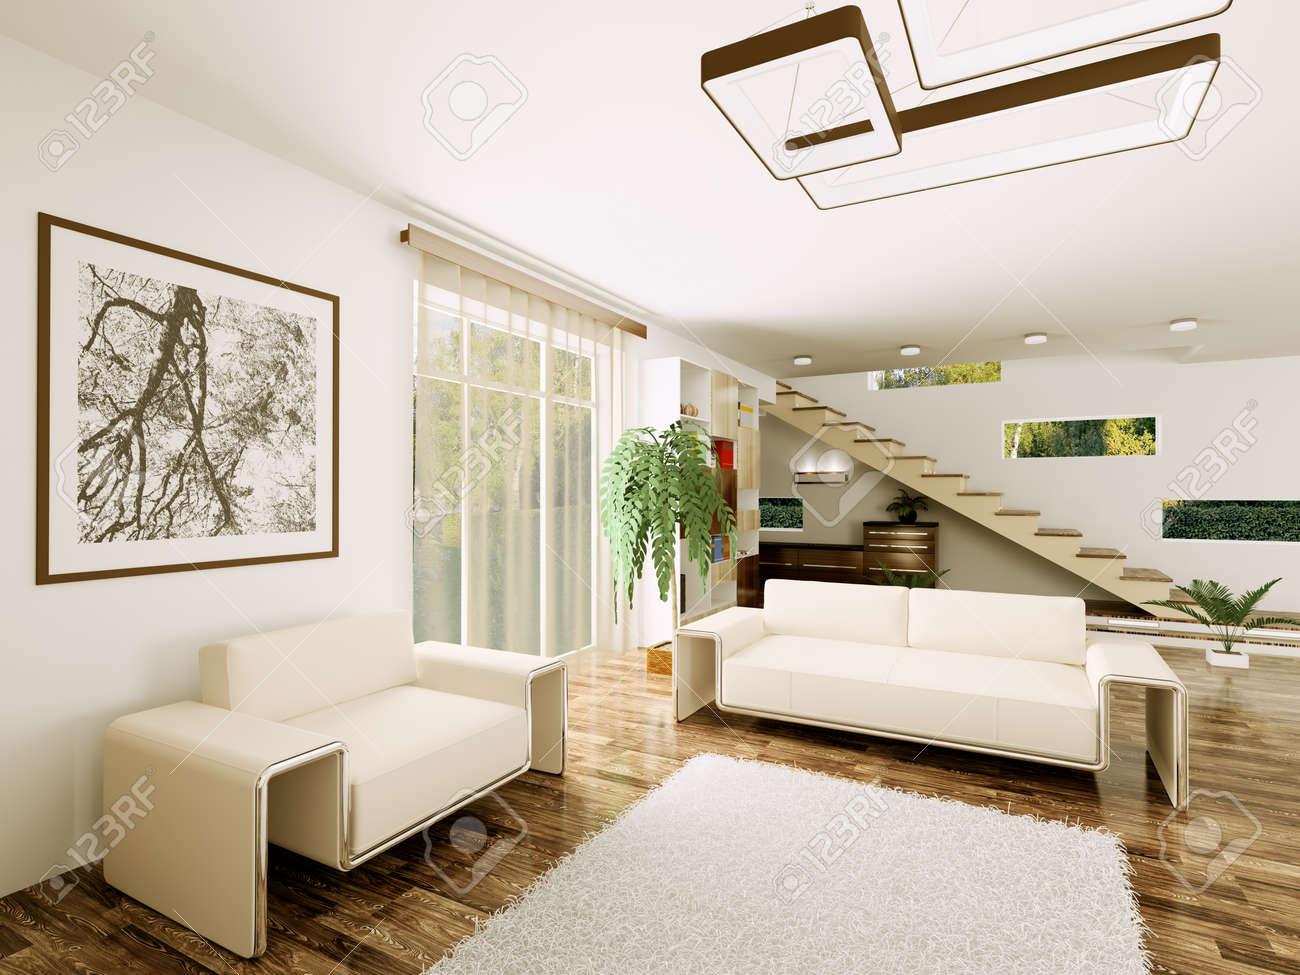 Escalier Dans Un Salon intérieur d'un salon moderne avec escalier de rendu 3d